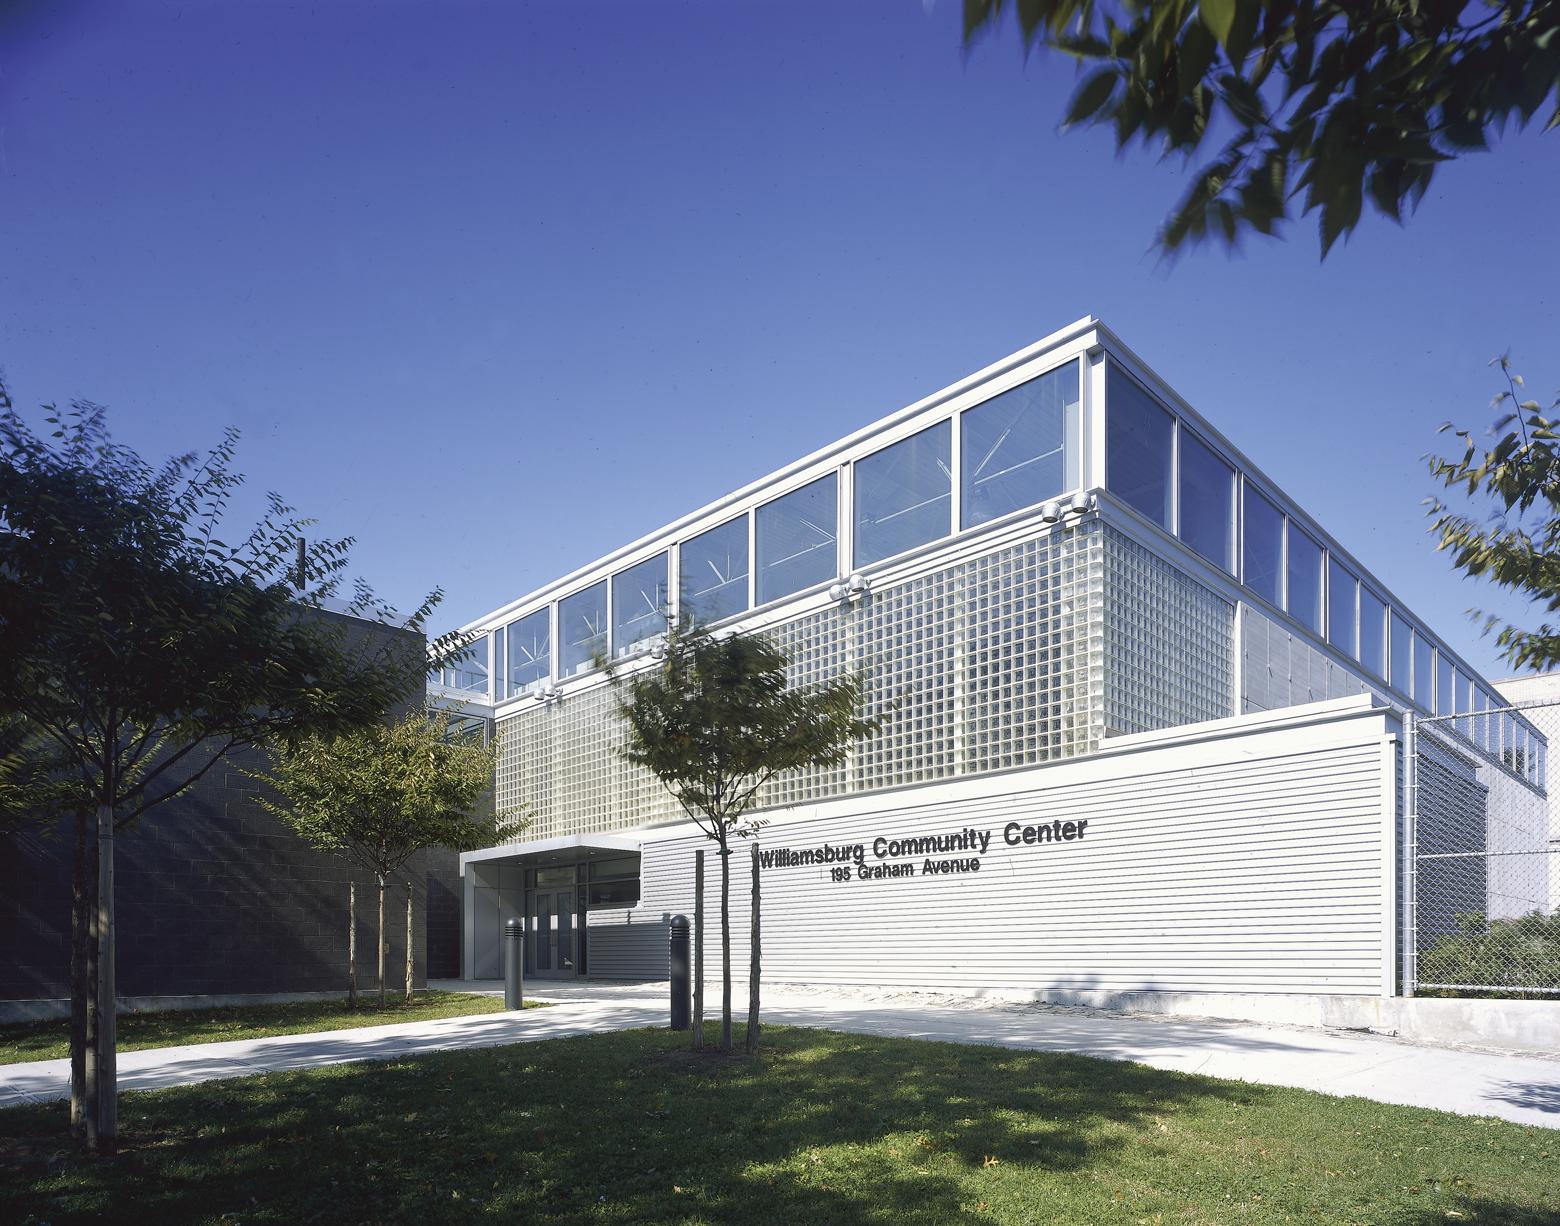 Williamsburg Community Center